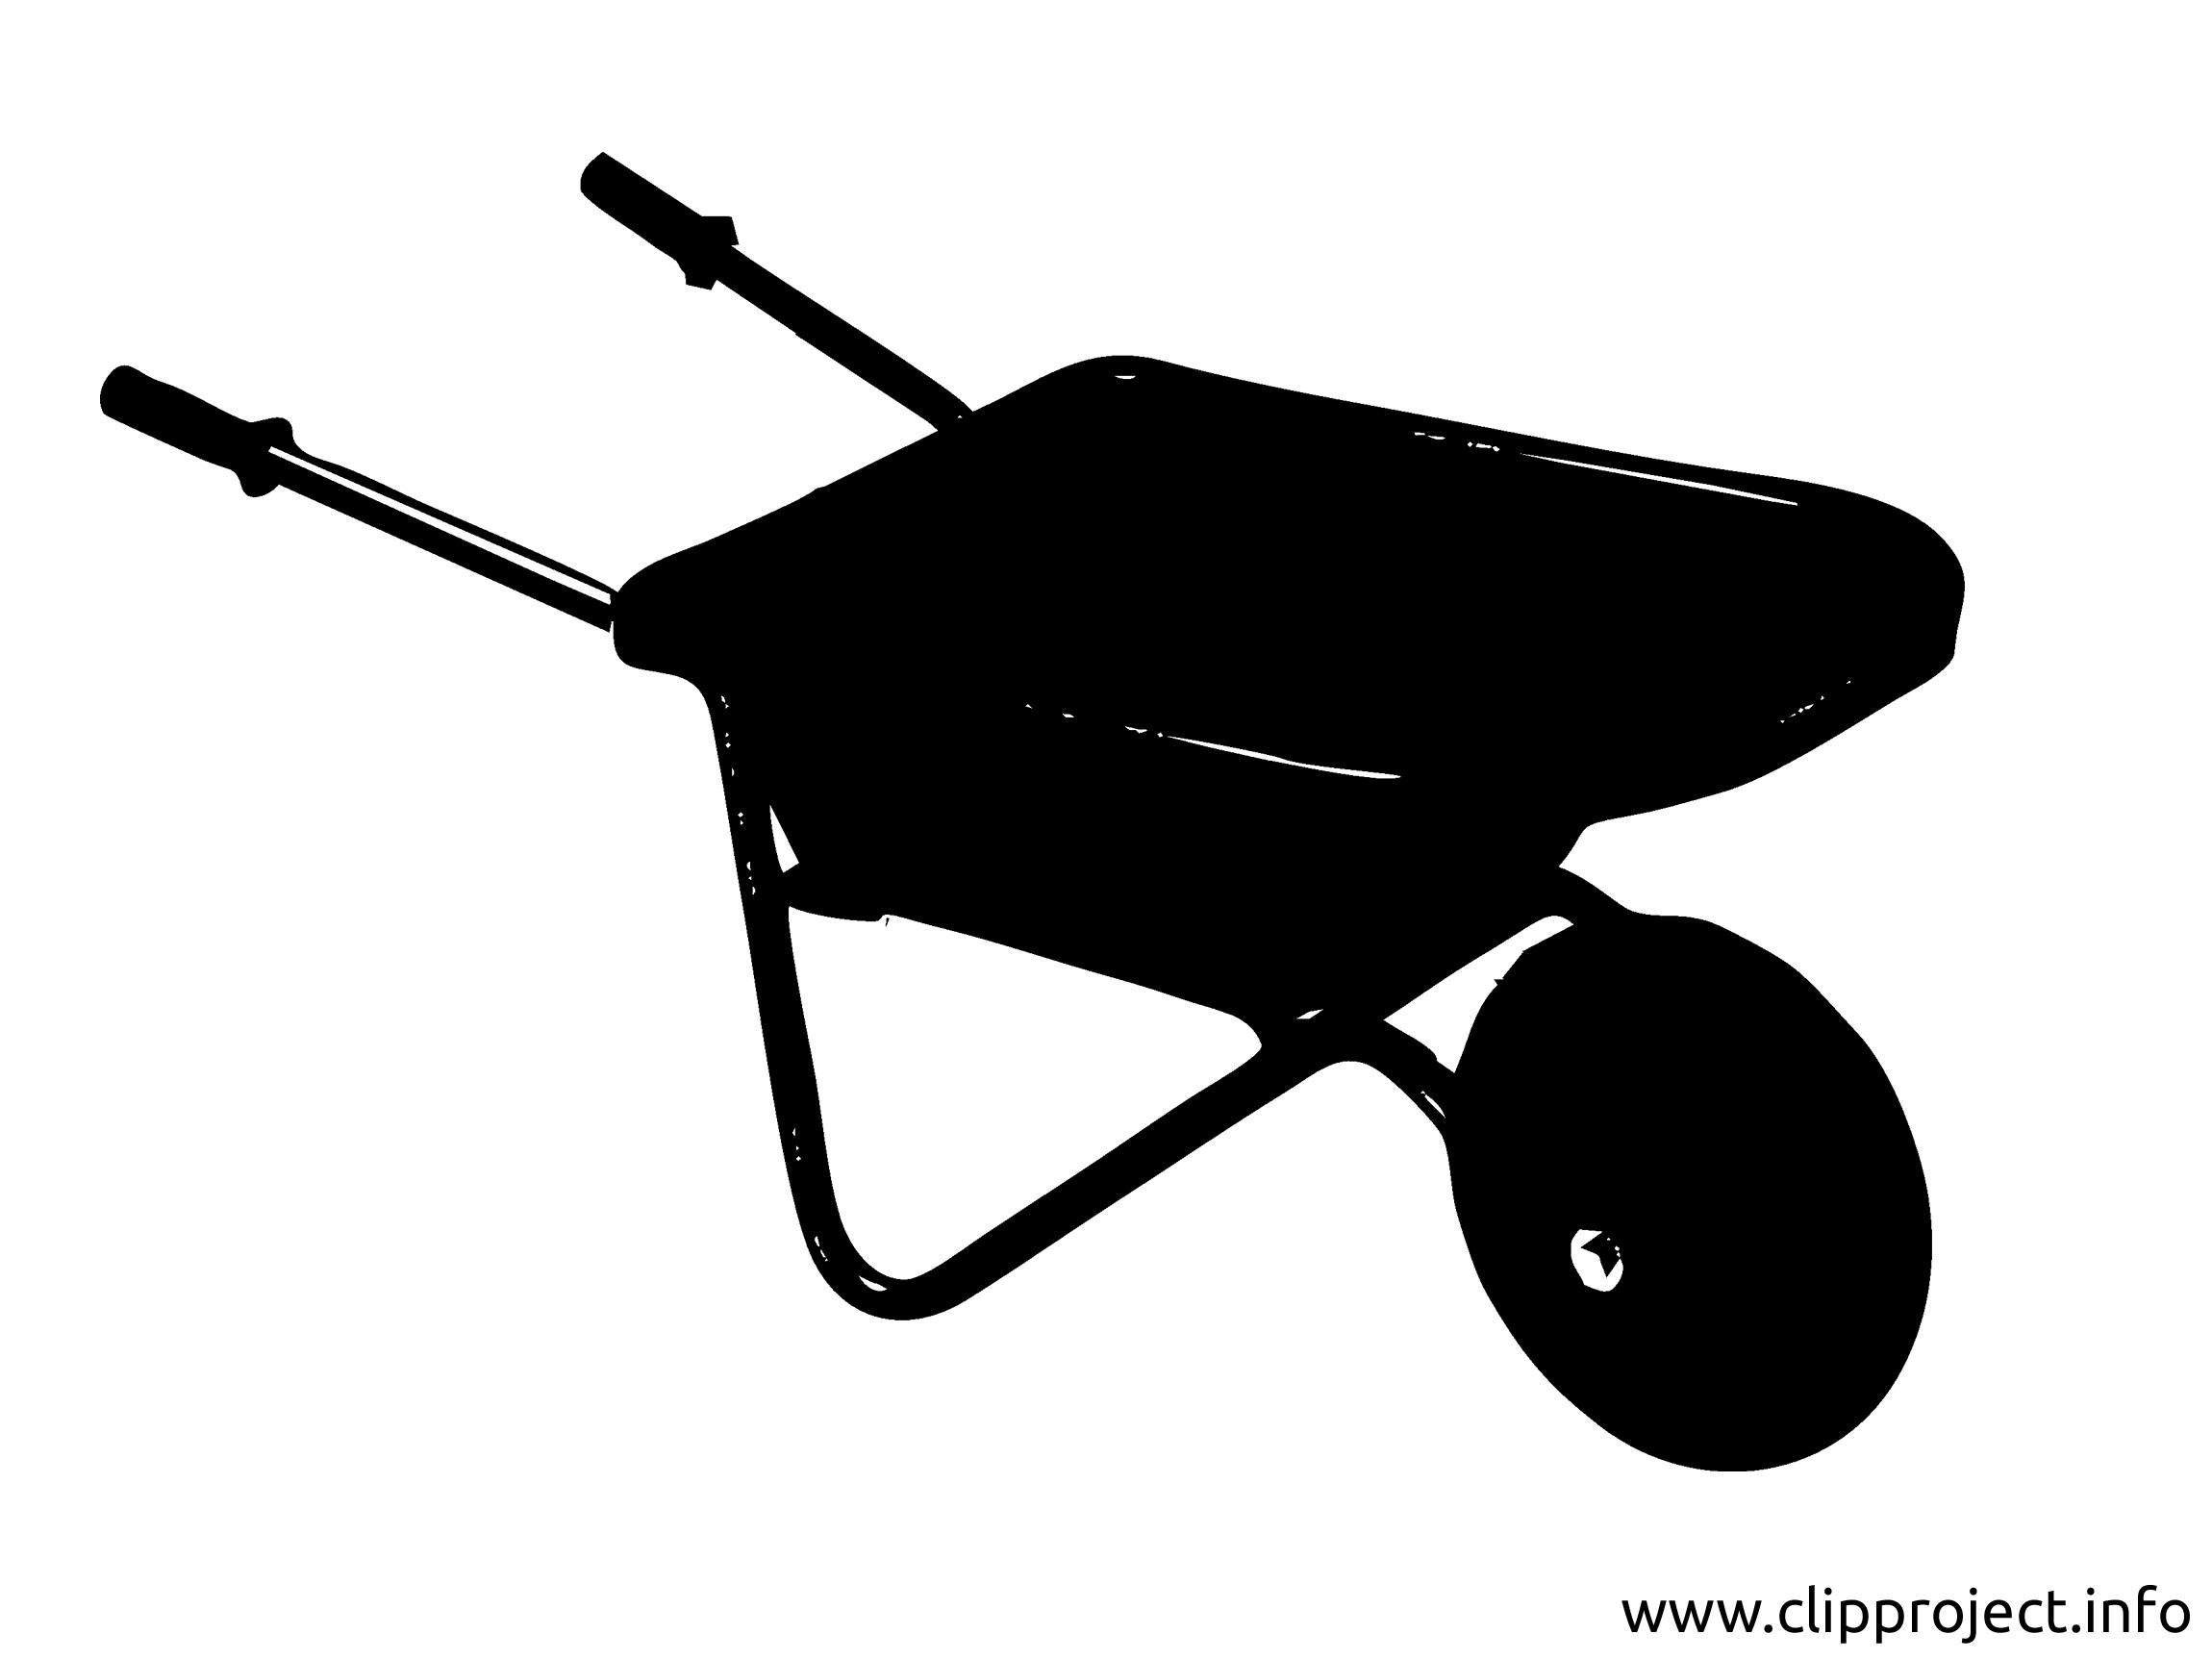 Chariot clip art gratuit - Noir et blanc dessin